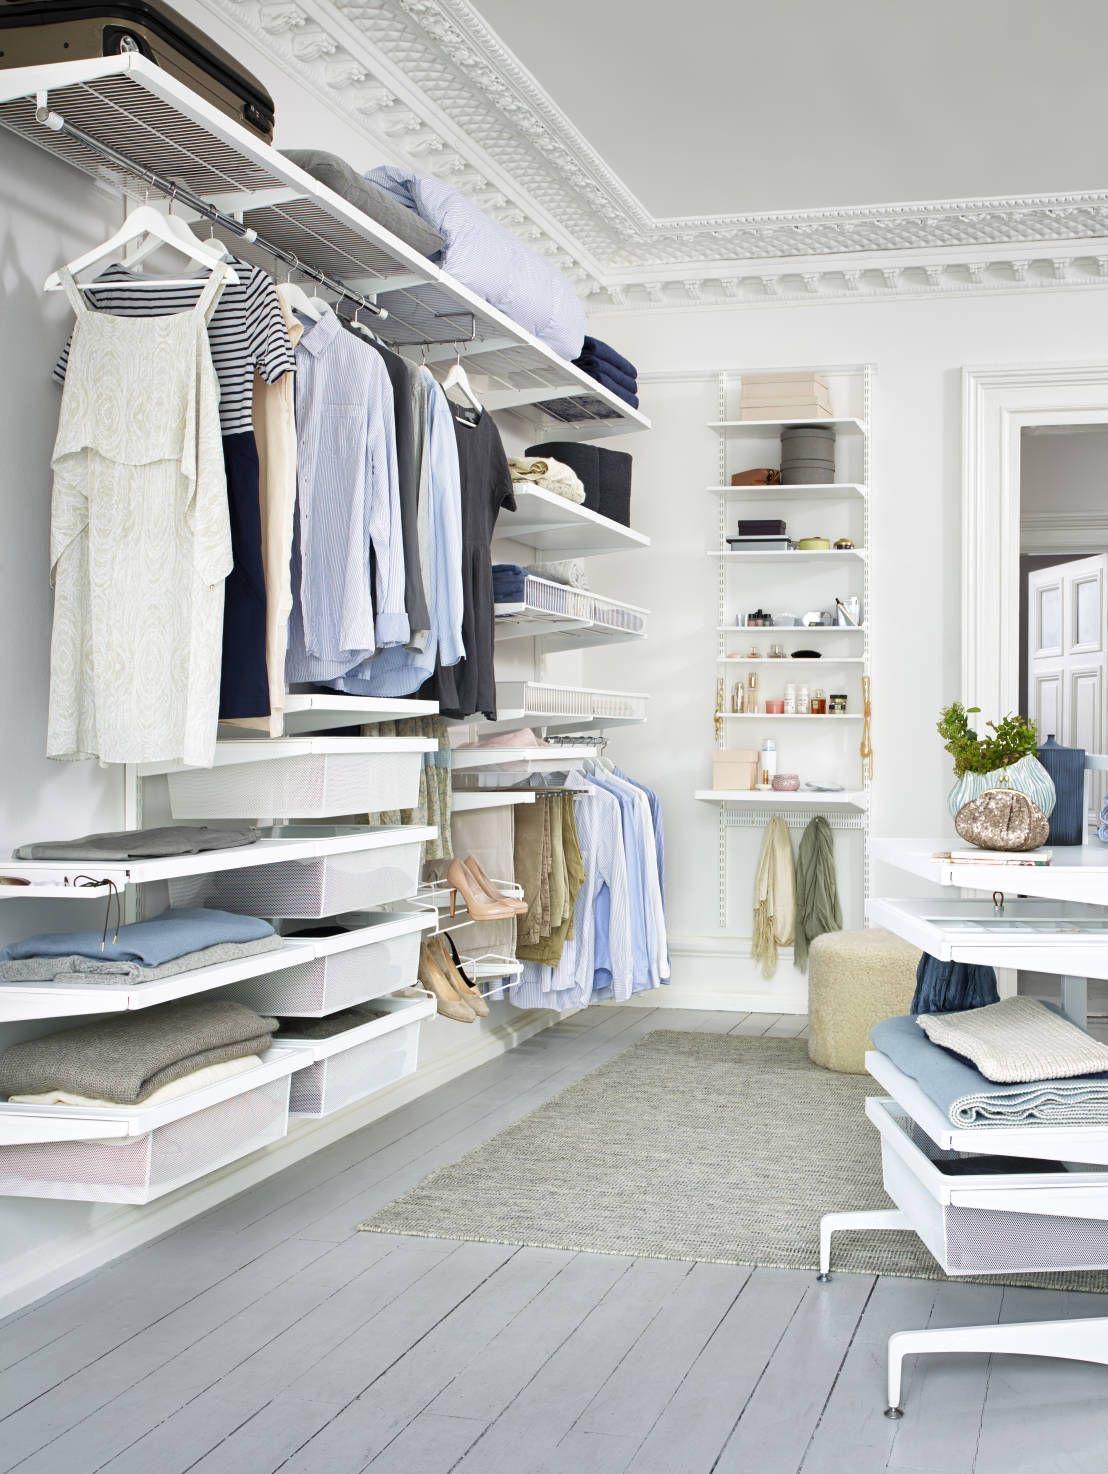 Ankleidezimmer - Wohnideen und Inspirationen findest du bei desmondo.de